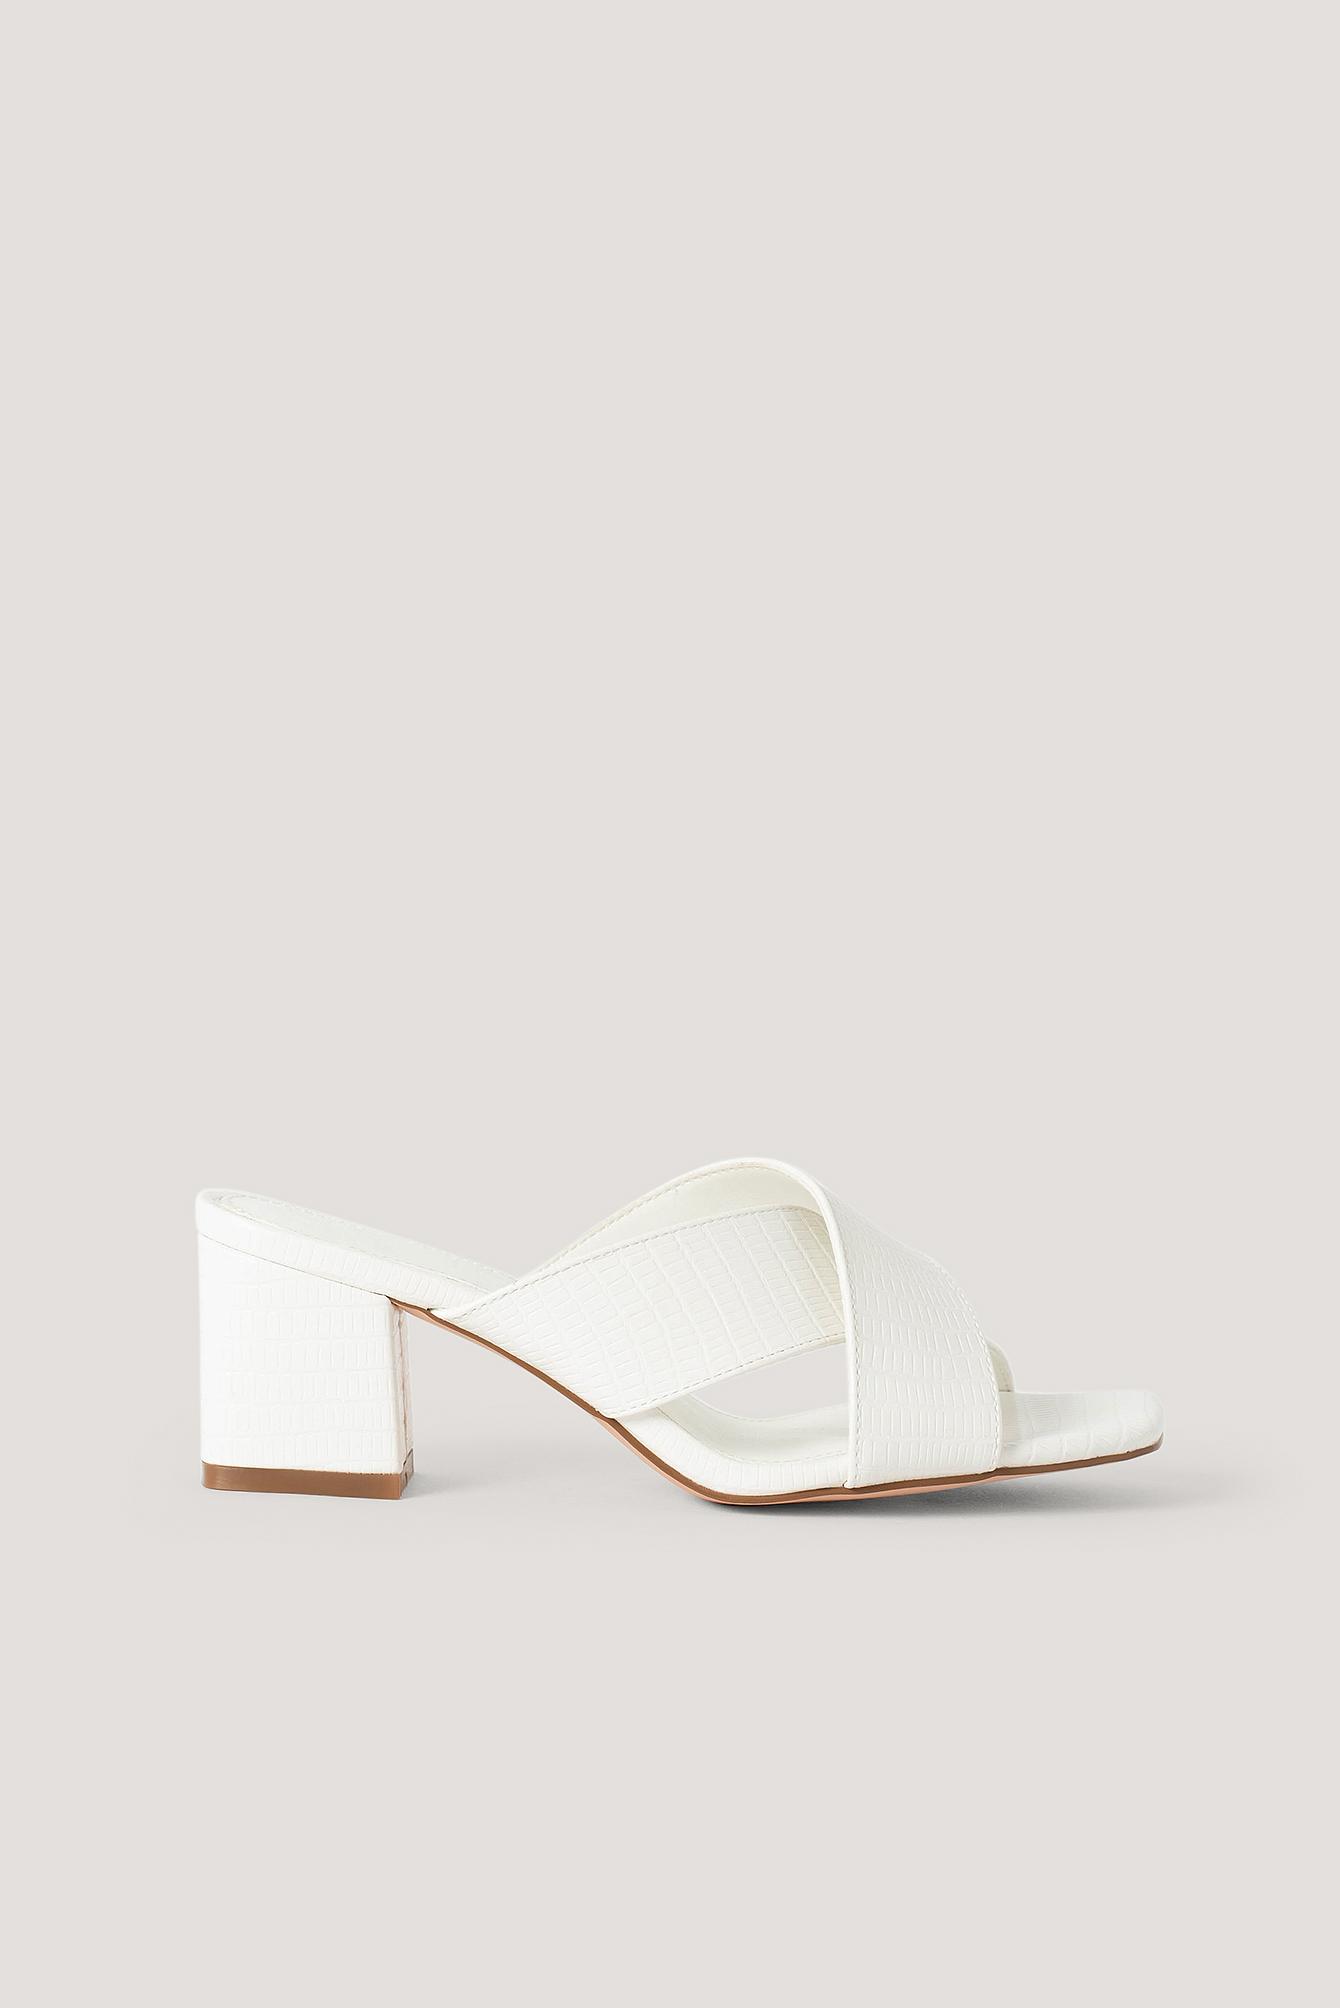 NA-KD Shoes Pantoffeln Mit Überkreuzten Riemen - Offwhite | Schuhe > Hausschuhe > Pantoffeln | NA-KD Shoes